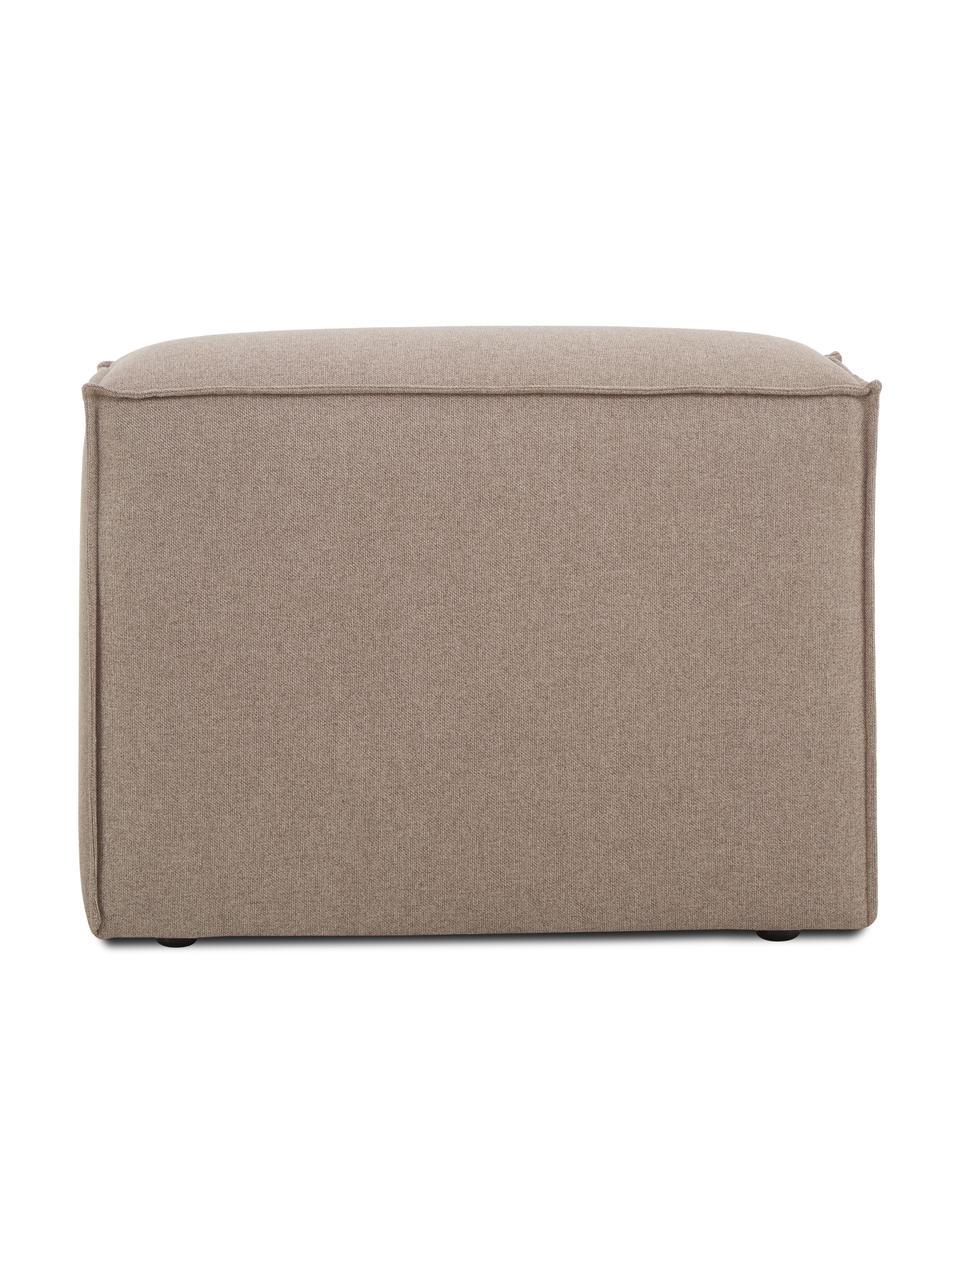 Middelste module Lennon in bruin, Bekleding: 100% polyester De slijtva, Frame: massief grenenhout, multi, Poten: kunststof De poten bevind, Geweven stof bruin, 89 x 119 cm